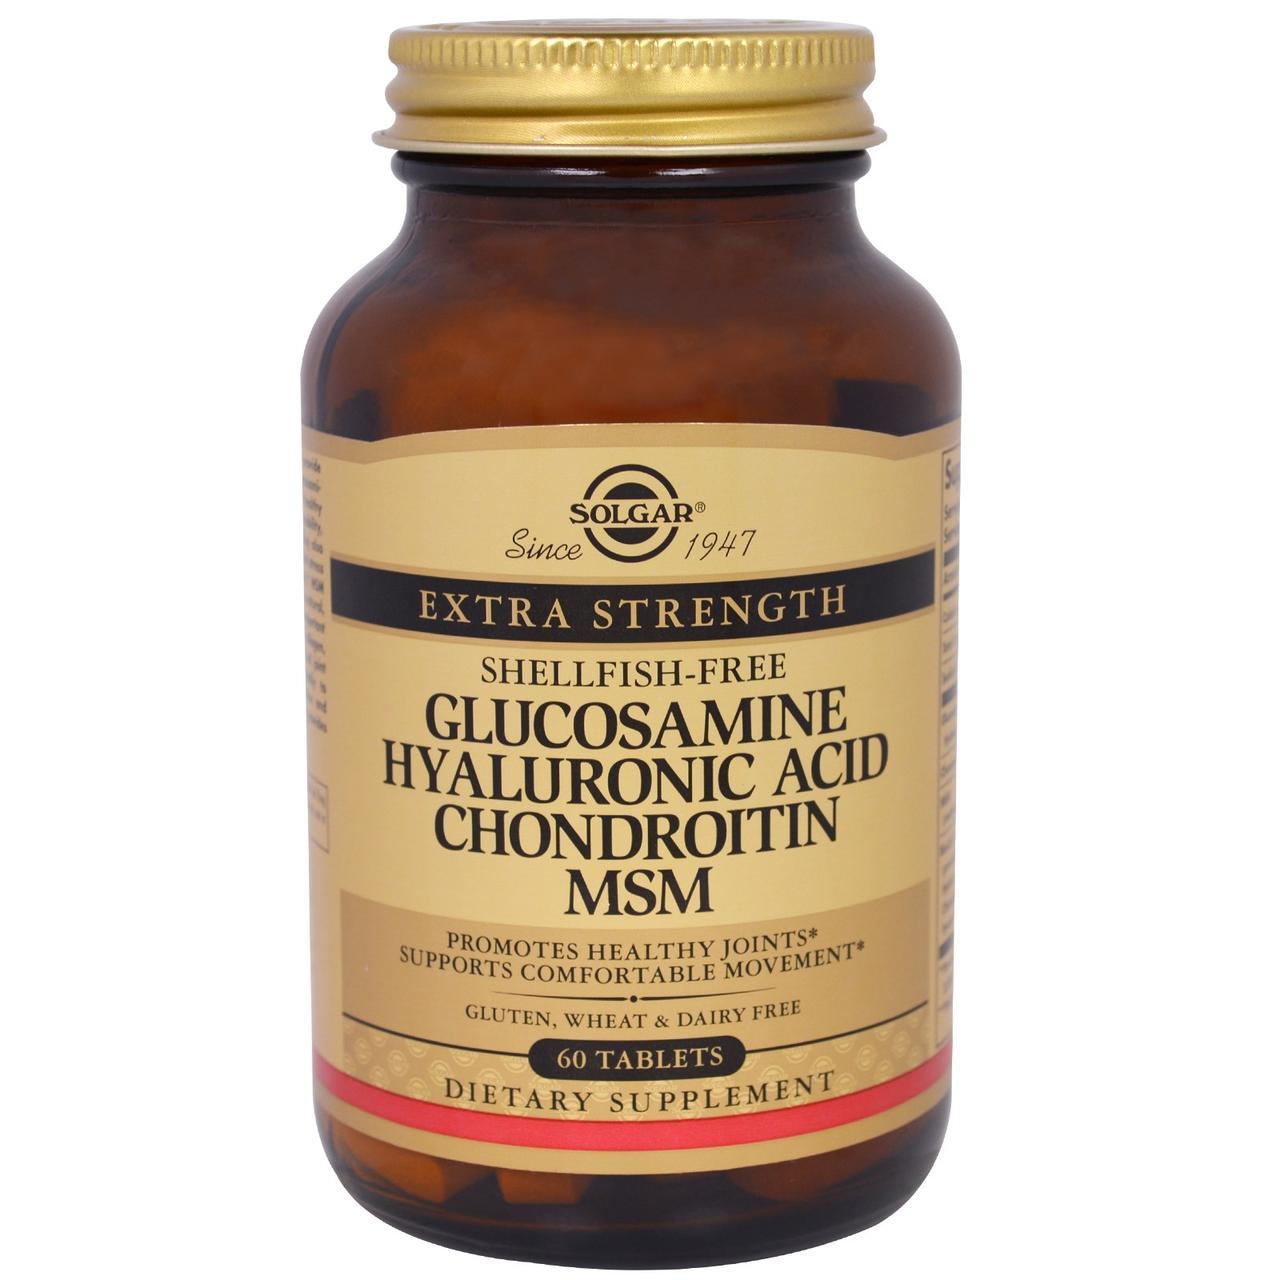 Глюкозамин Гиалуроновая кислота Хондроитин МСМ Солгар, 60 таблеток